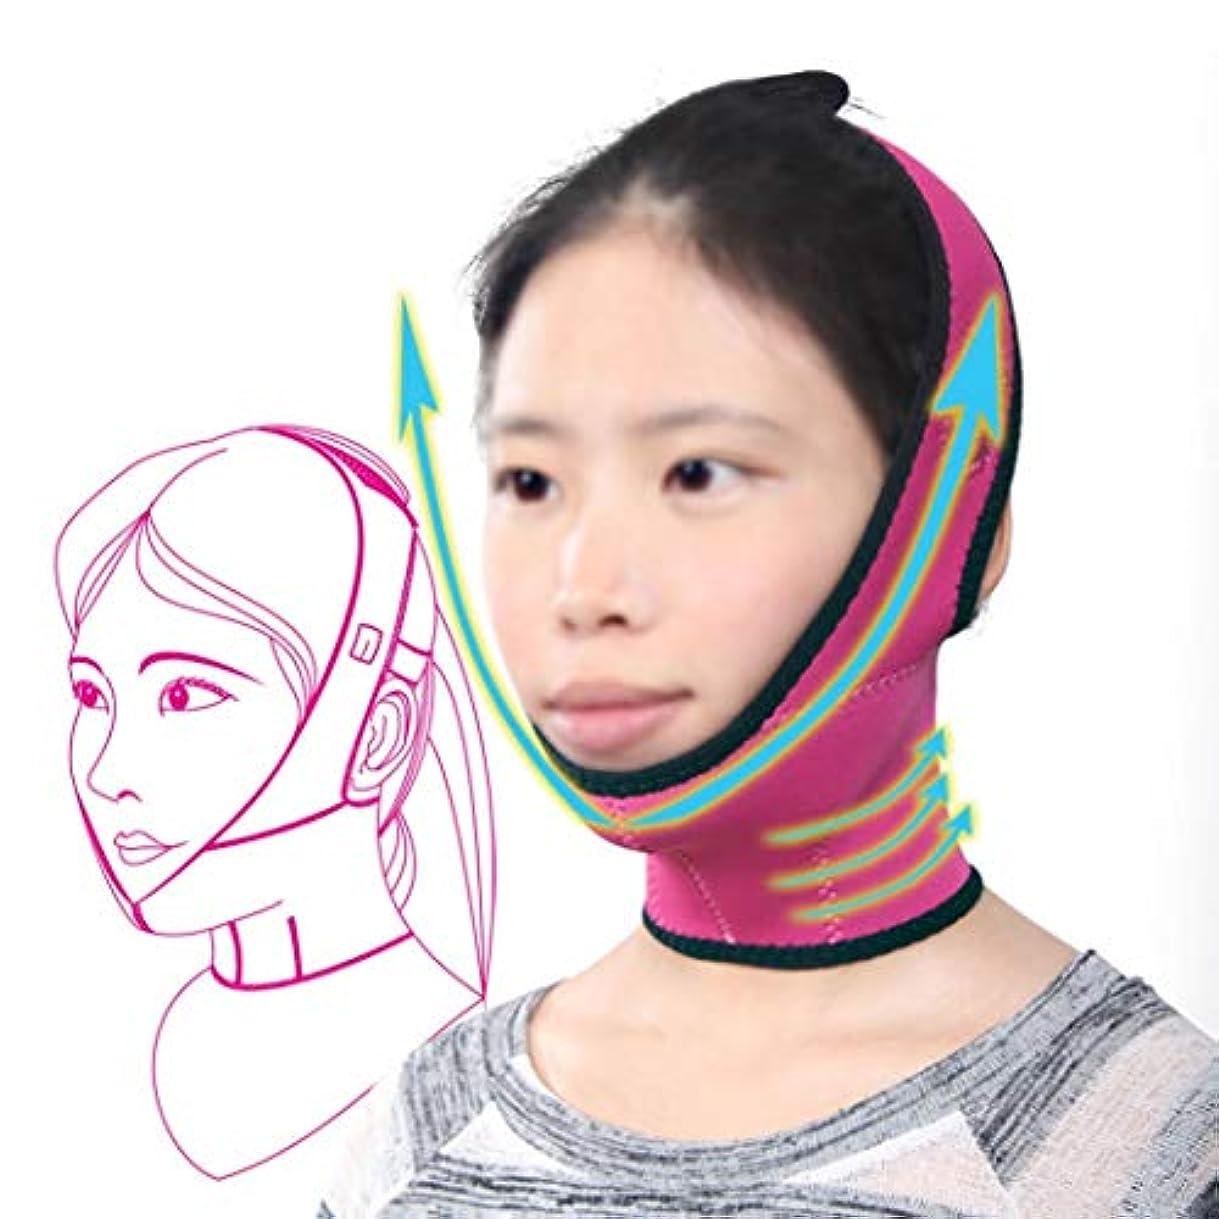 移民専制神経障害フェイスリフトマスク、痩身ベルトフェイスマスク強力なリフティング小さなV顔薄い顔包帯美容フェイスリフティング顔小さな顔薄い顔マスク